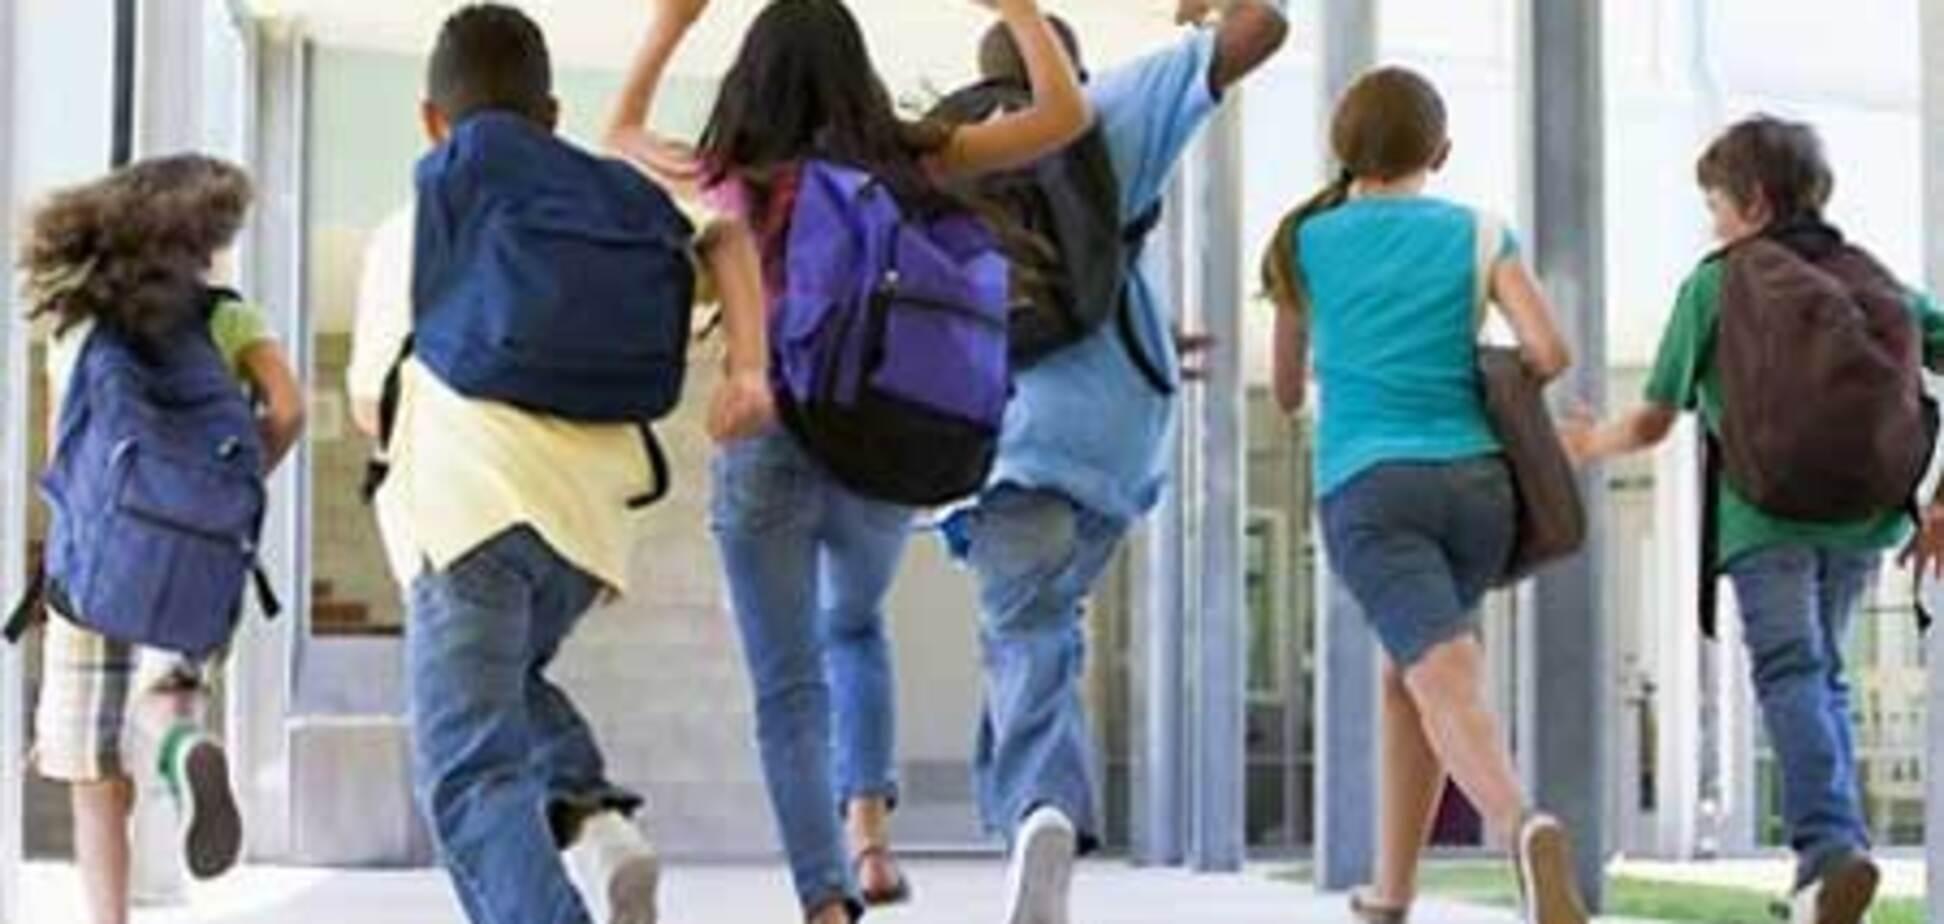 Мальчика выгнали со школы, решив, что он мужчина